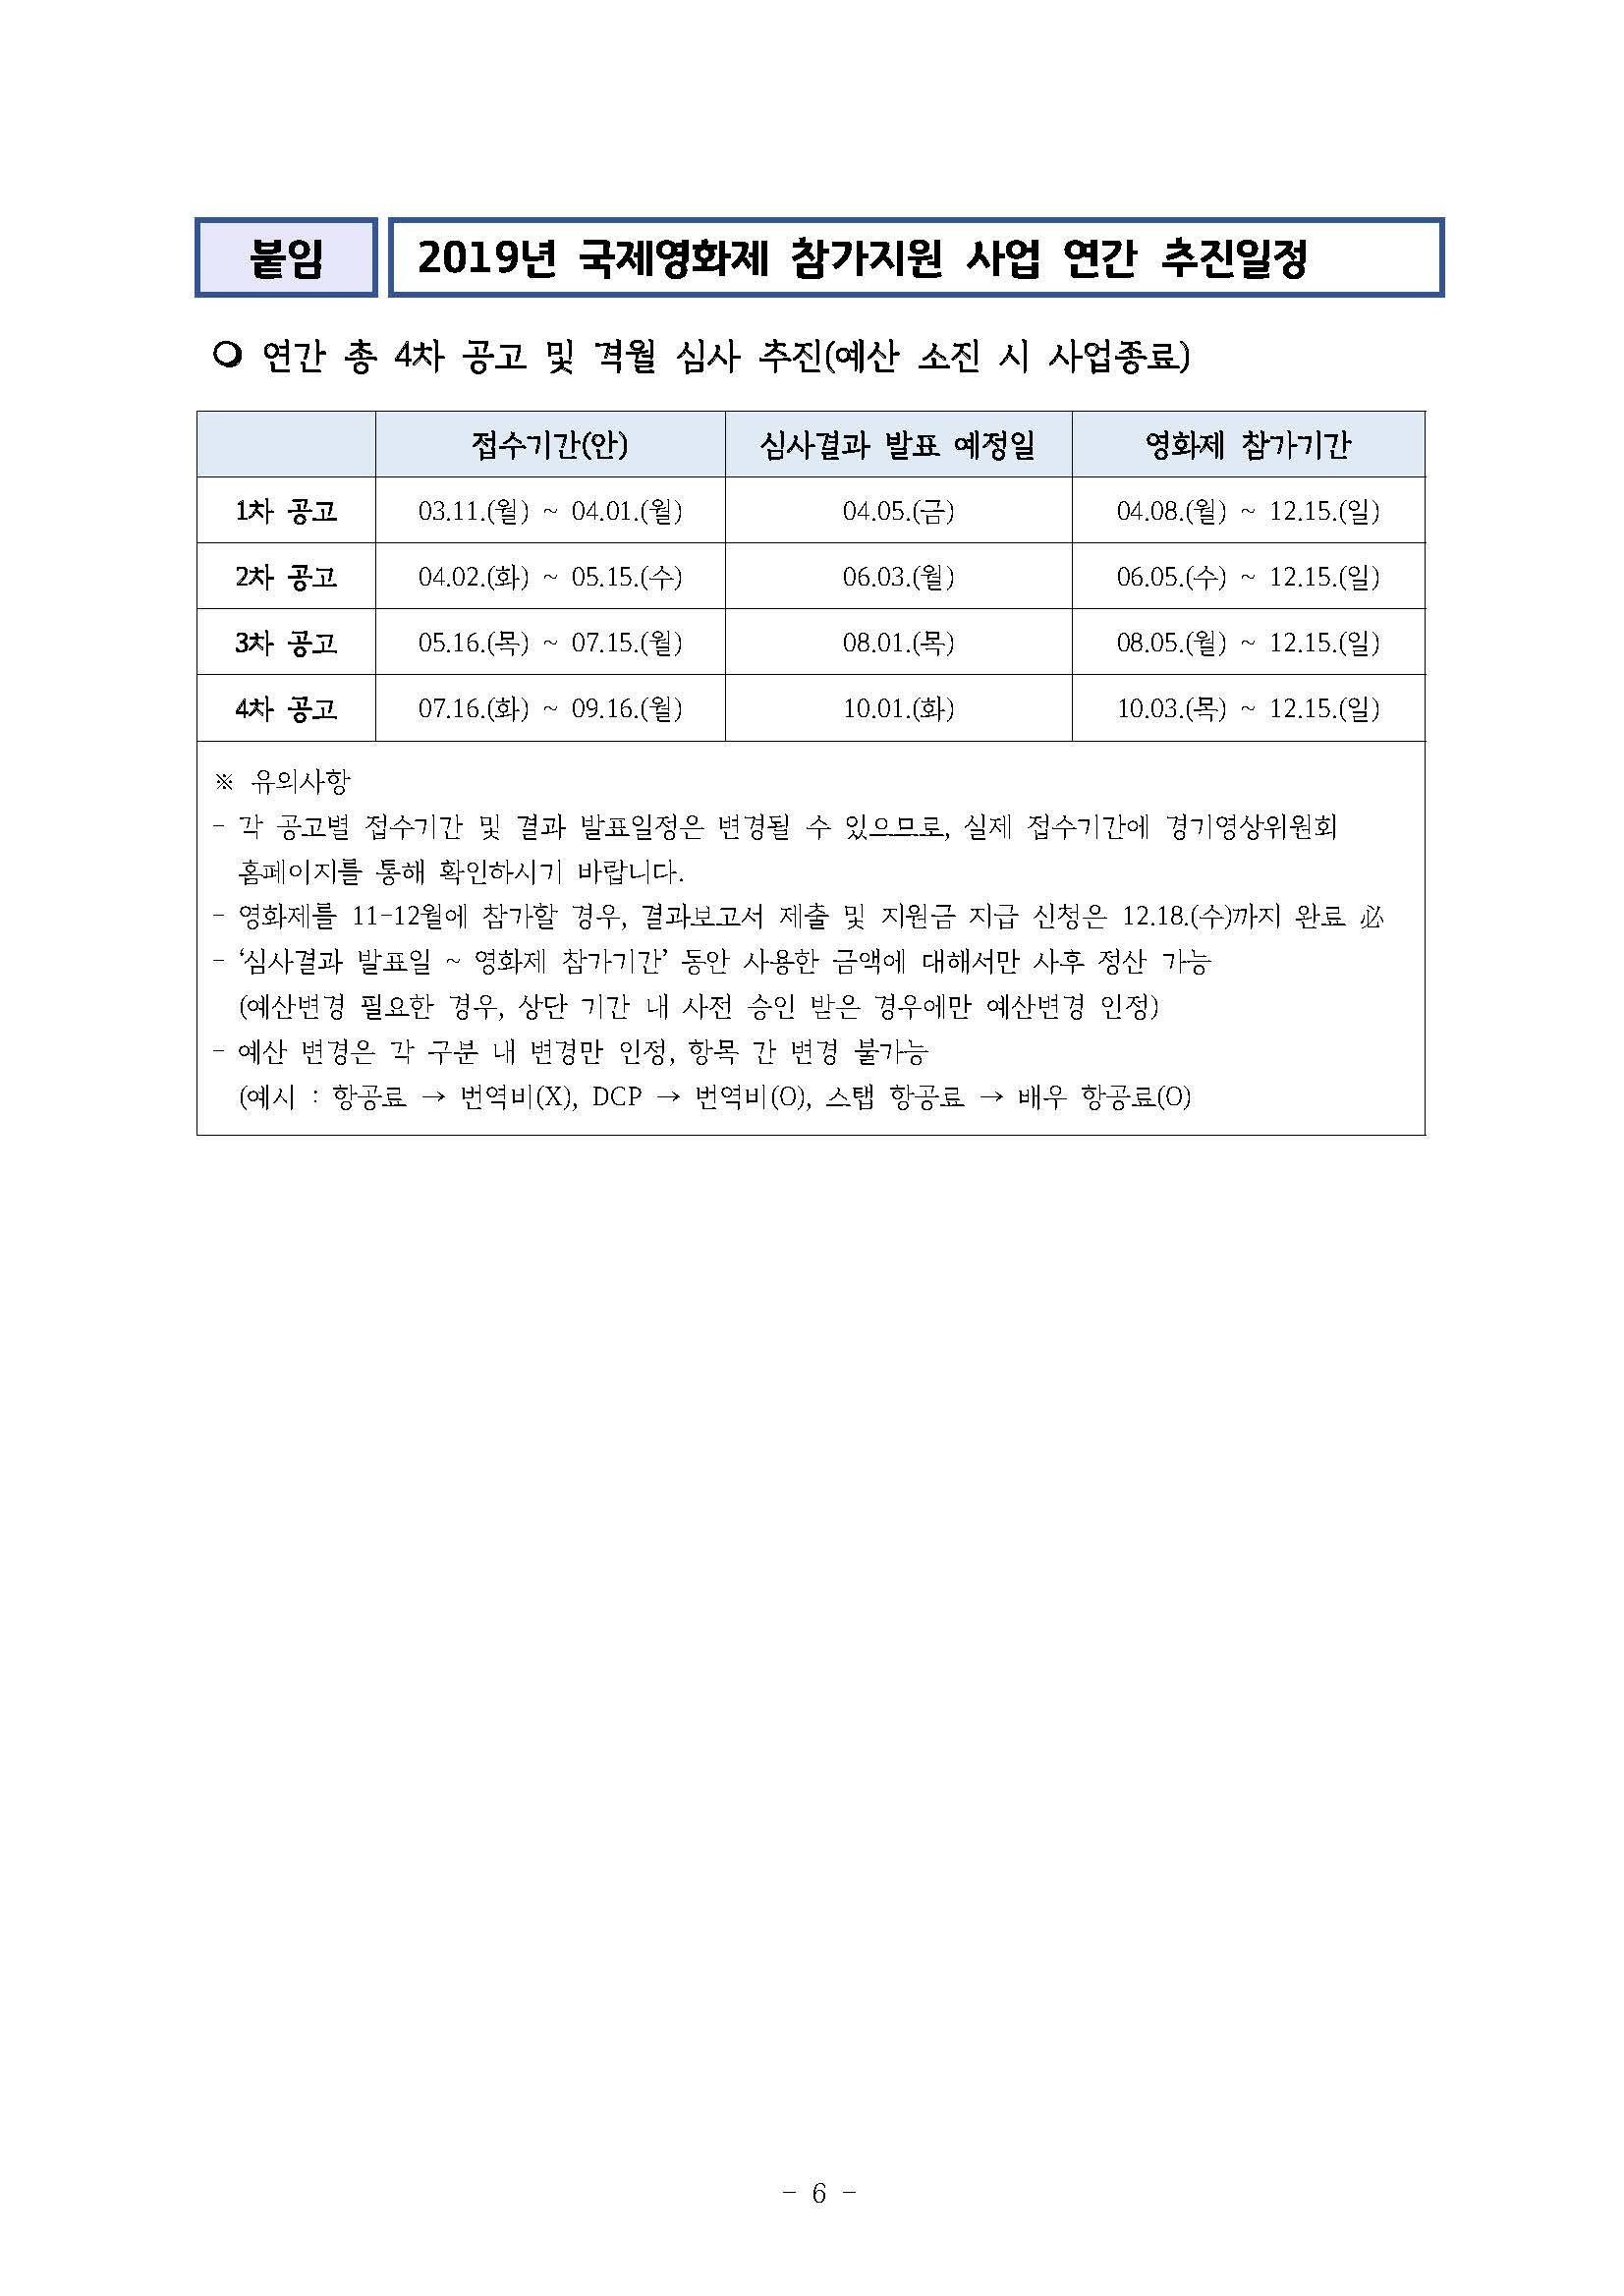 경기도 다양성영화 국제영화제 참가지원 공모 요강_페이지_6.jpg